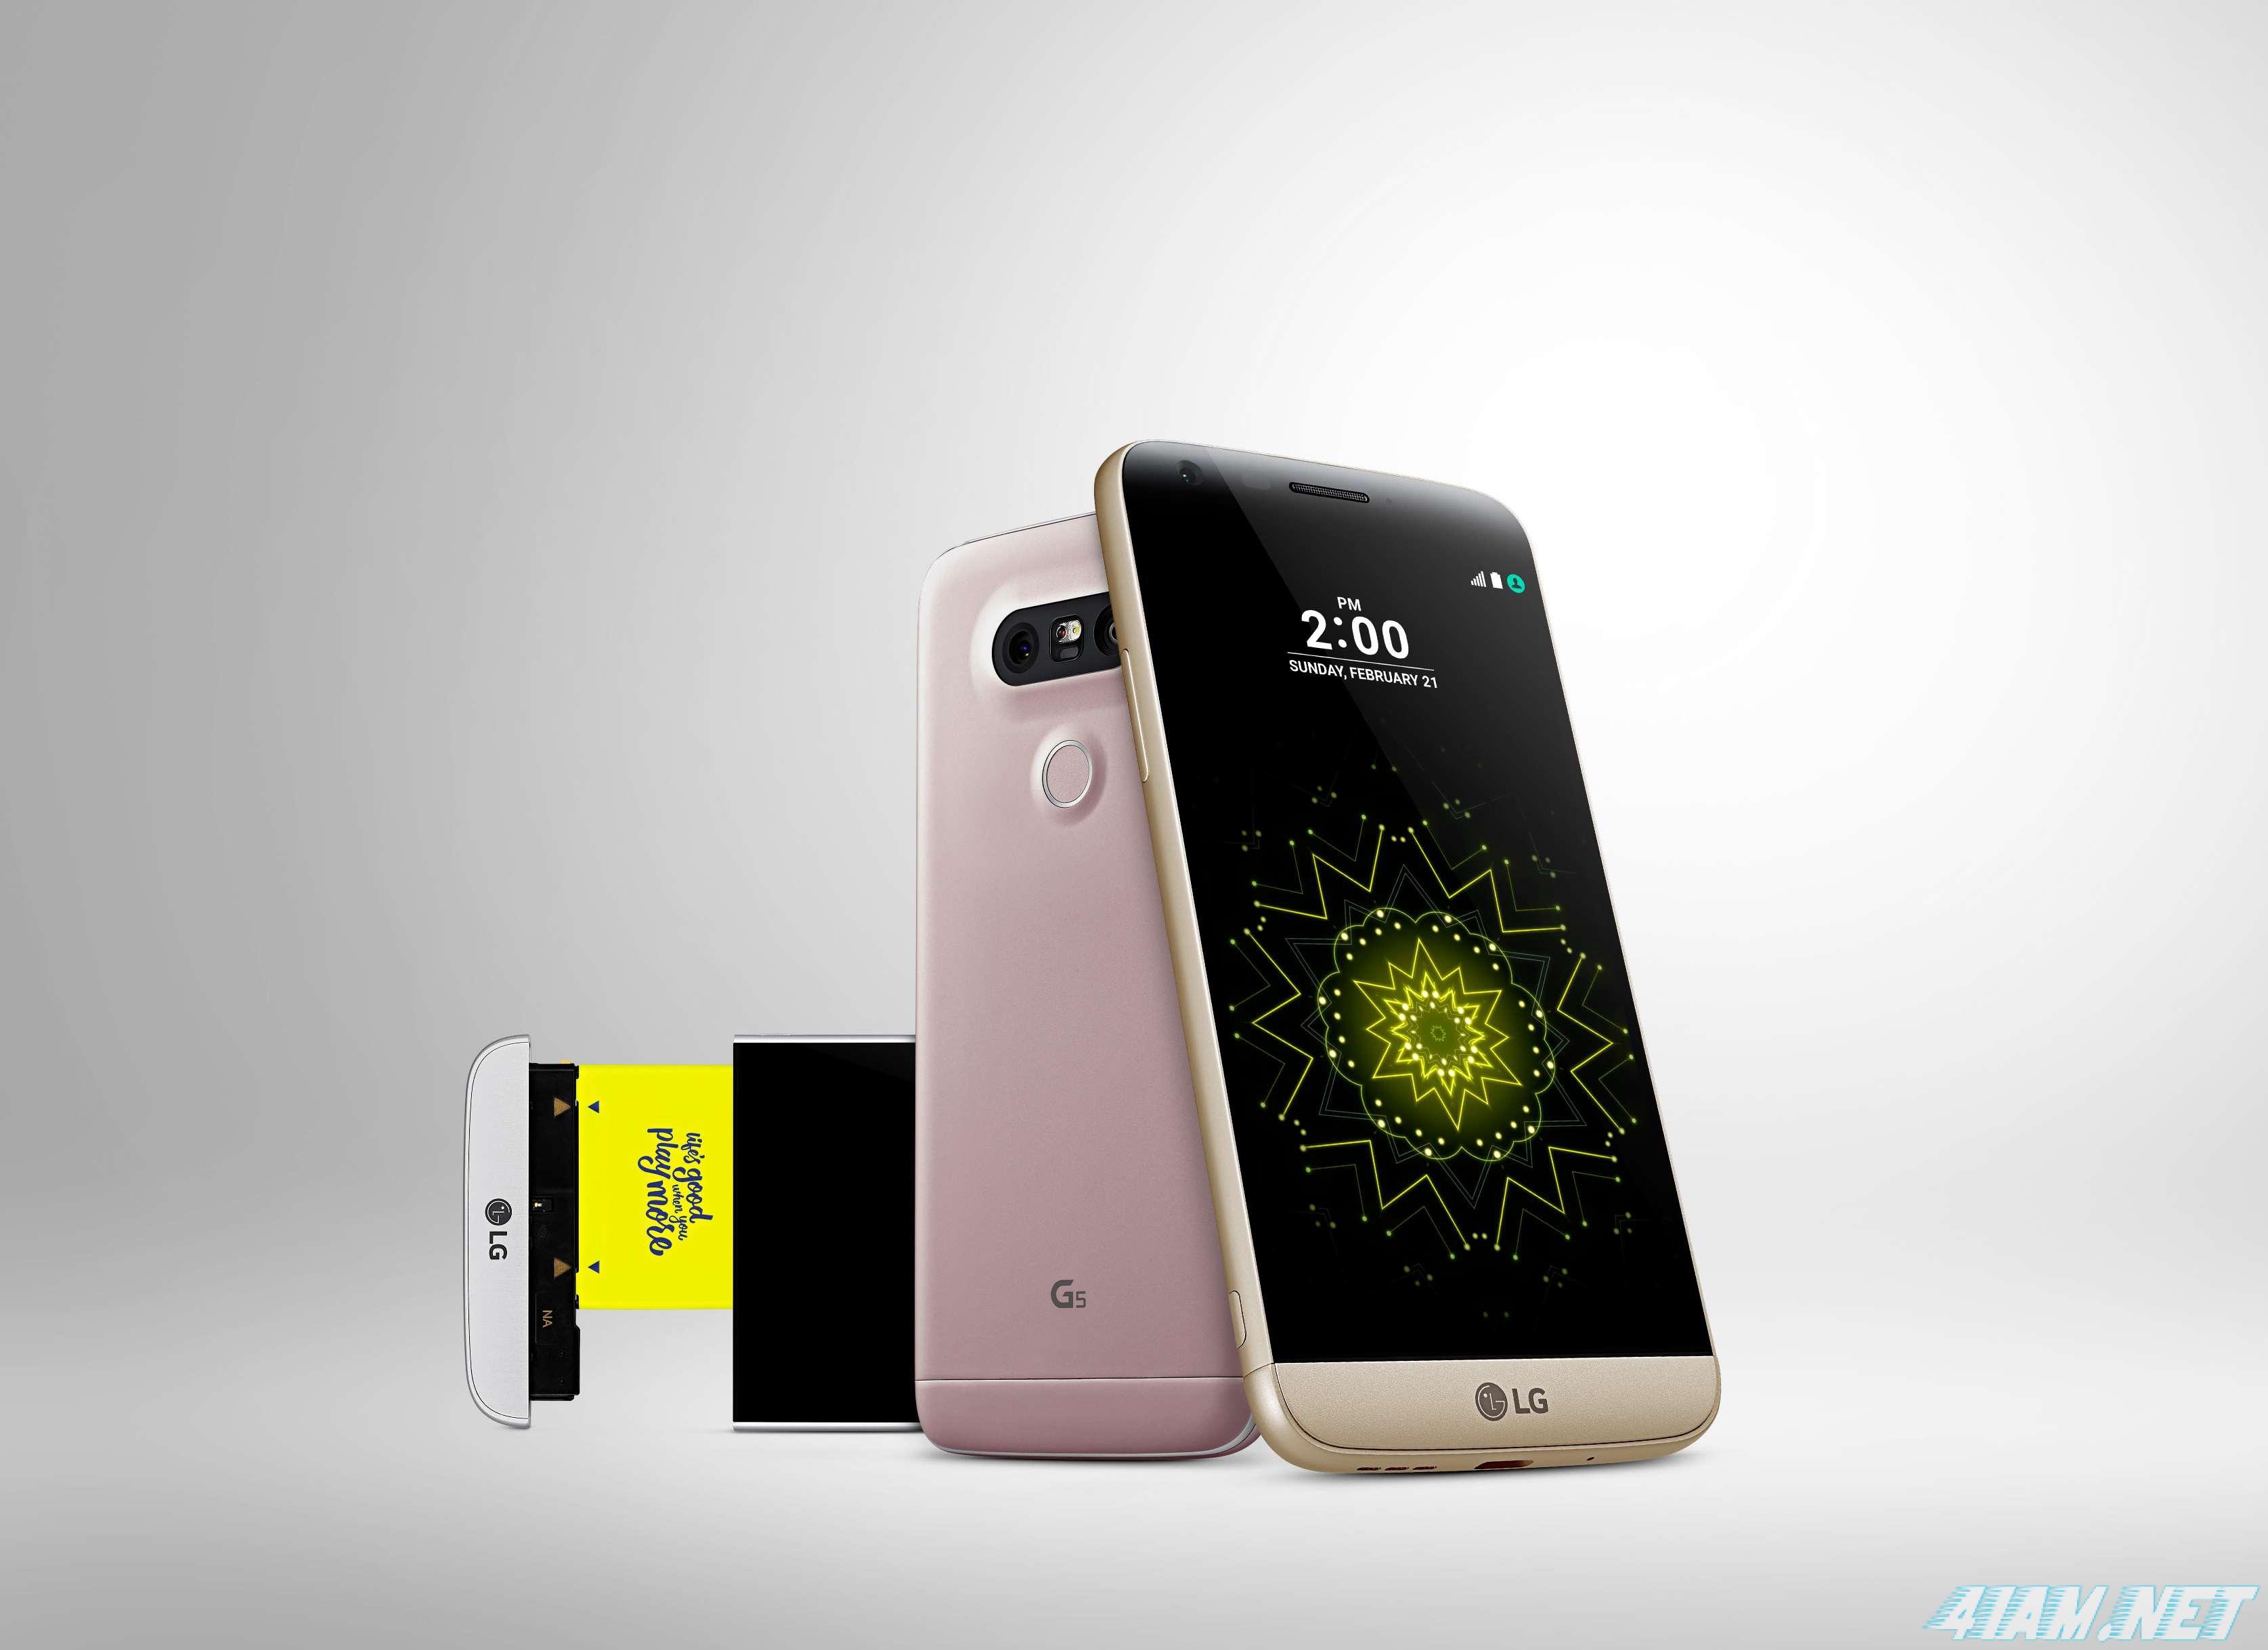 LG G5 официально представлен: дата релиза, спецификации и цена